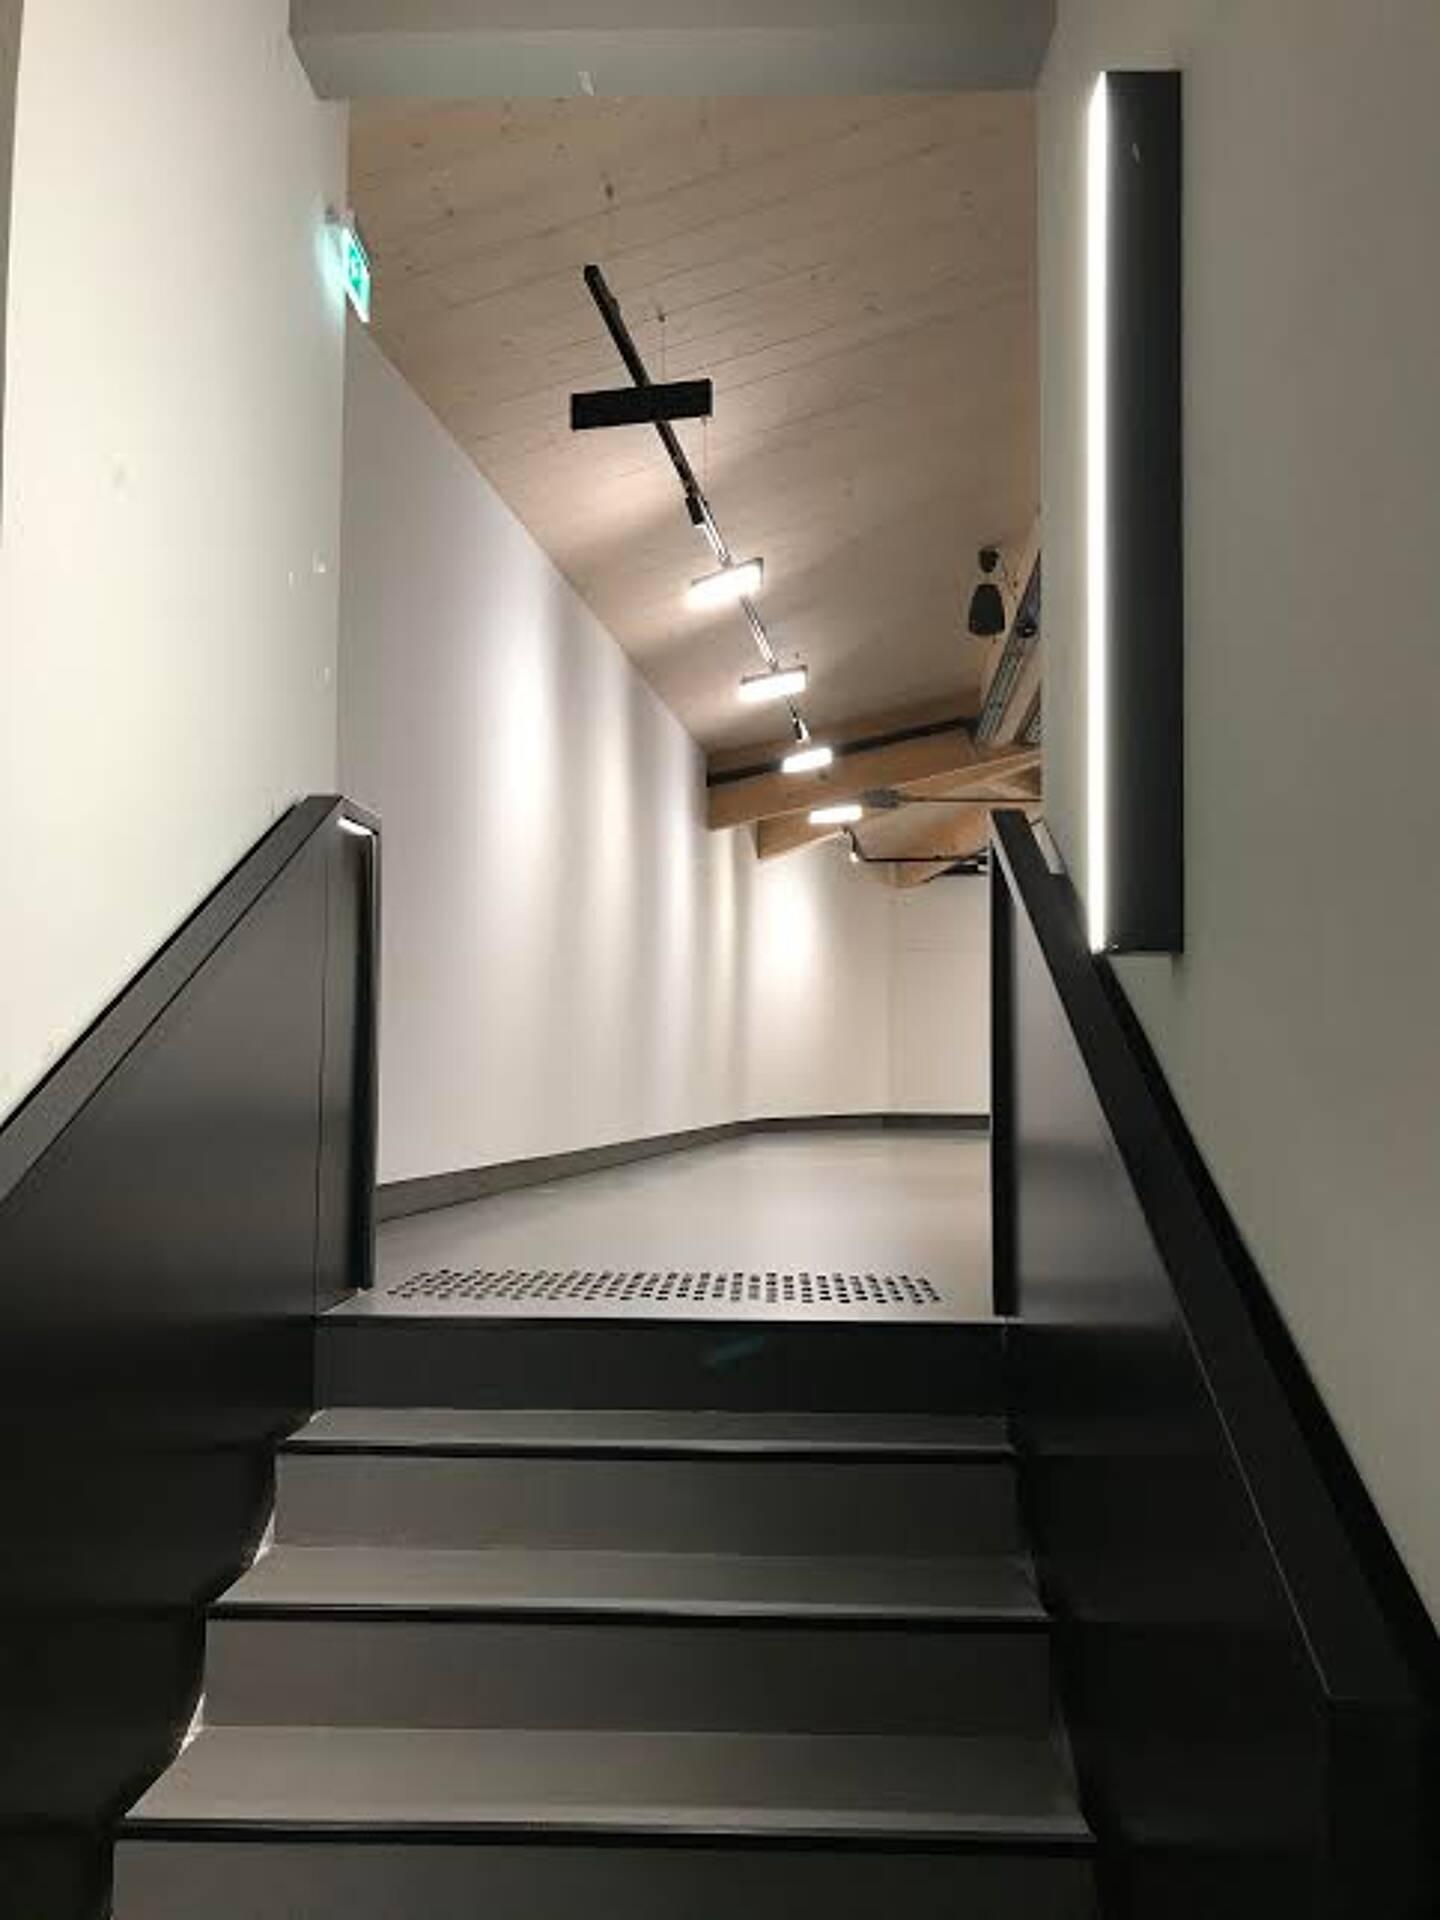 Après avoir cheminé l'escalier, c'est une immesion totale avec deux plateaux d'environ 100 m2, aérés, où l'artiste exposant aura possibilité de rajouter des panneaux mobiles pour orchestrer l'architecture de son expo.